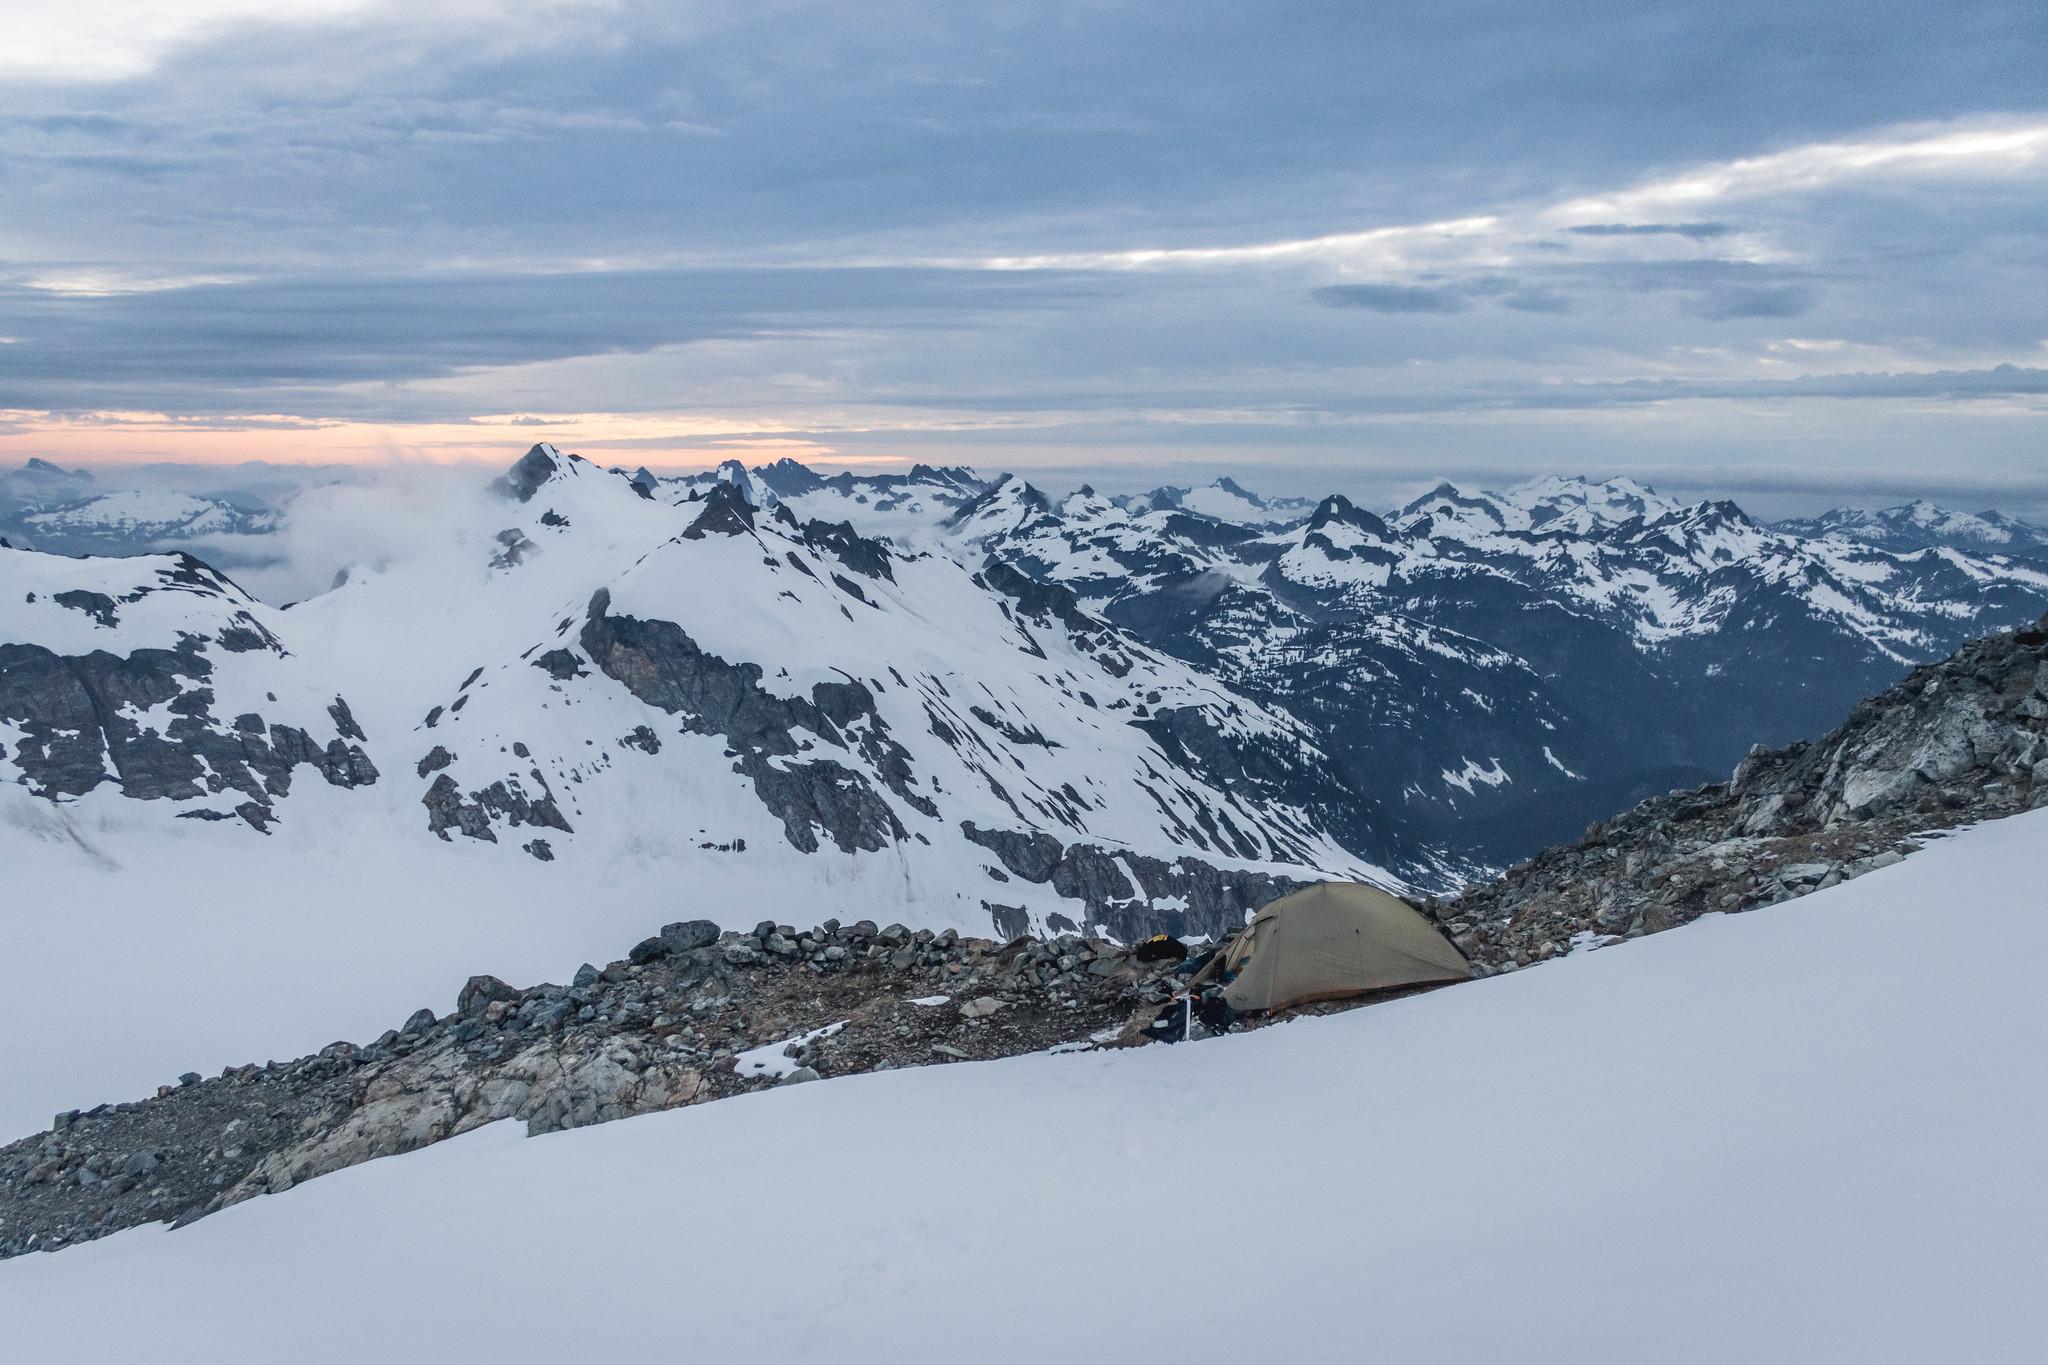 Camping below Sentinel Peak and Old Guard Peak